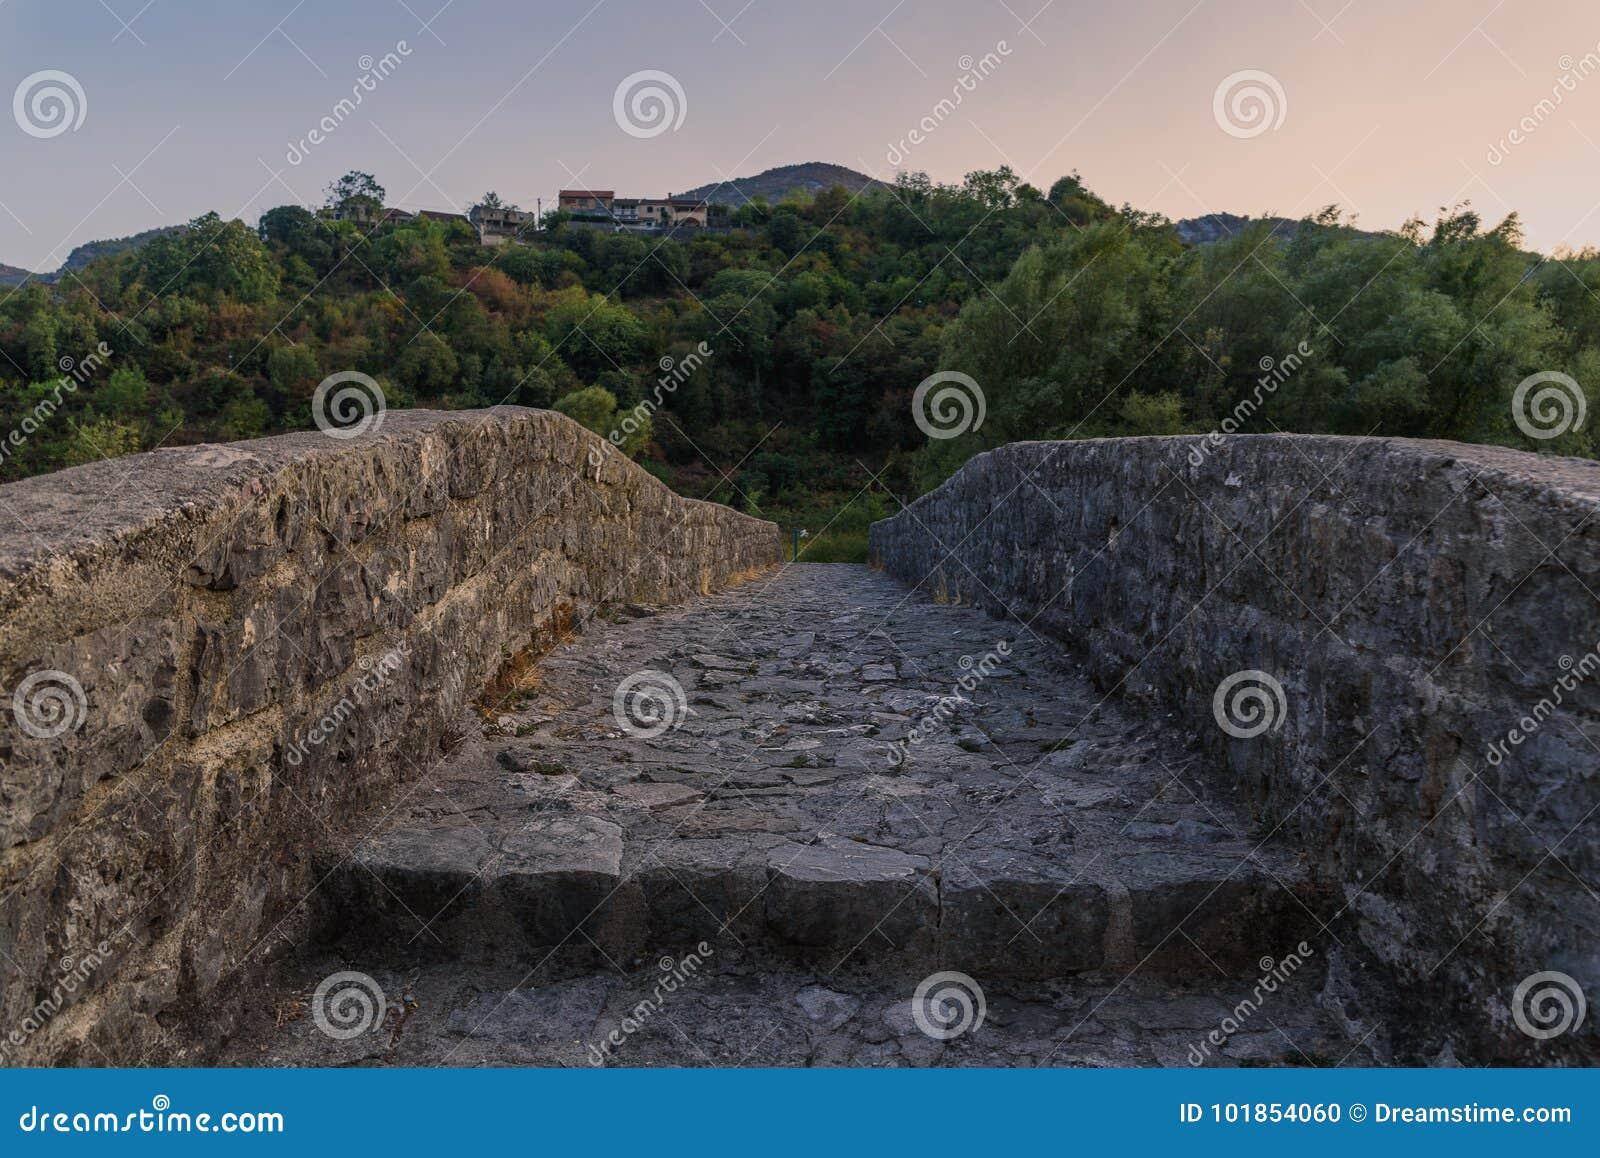 Γοητευτική φύση του Μαυροβουνίου τον Αύγουστο